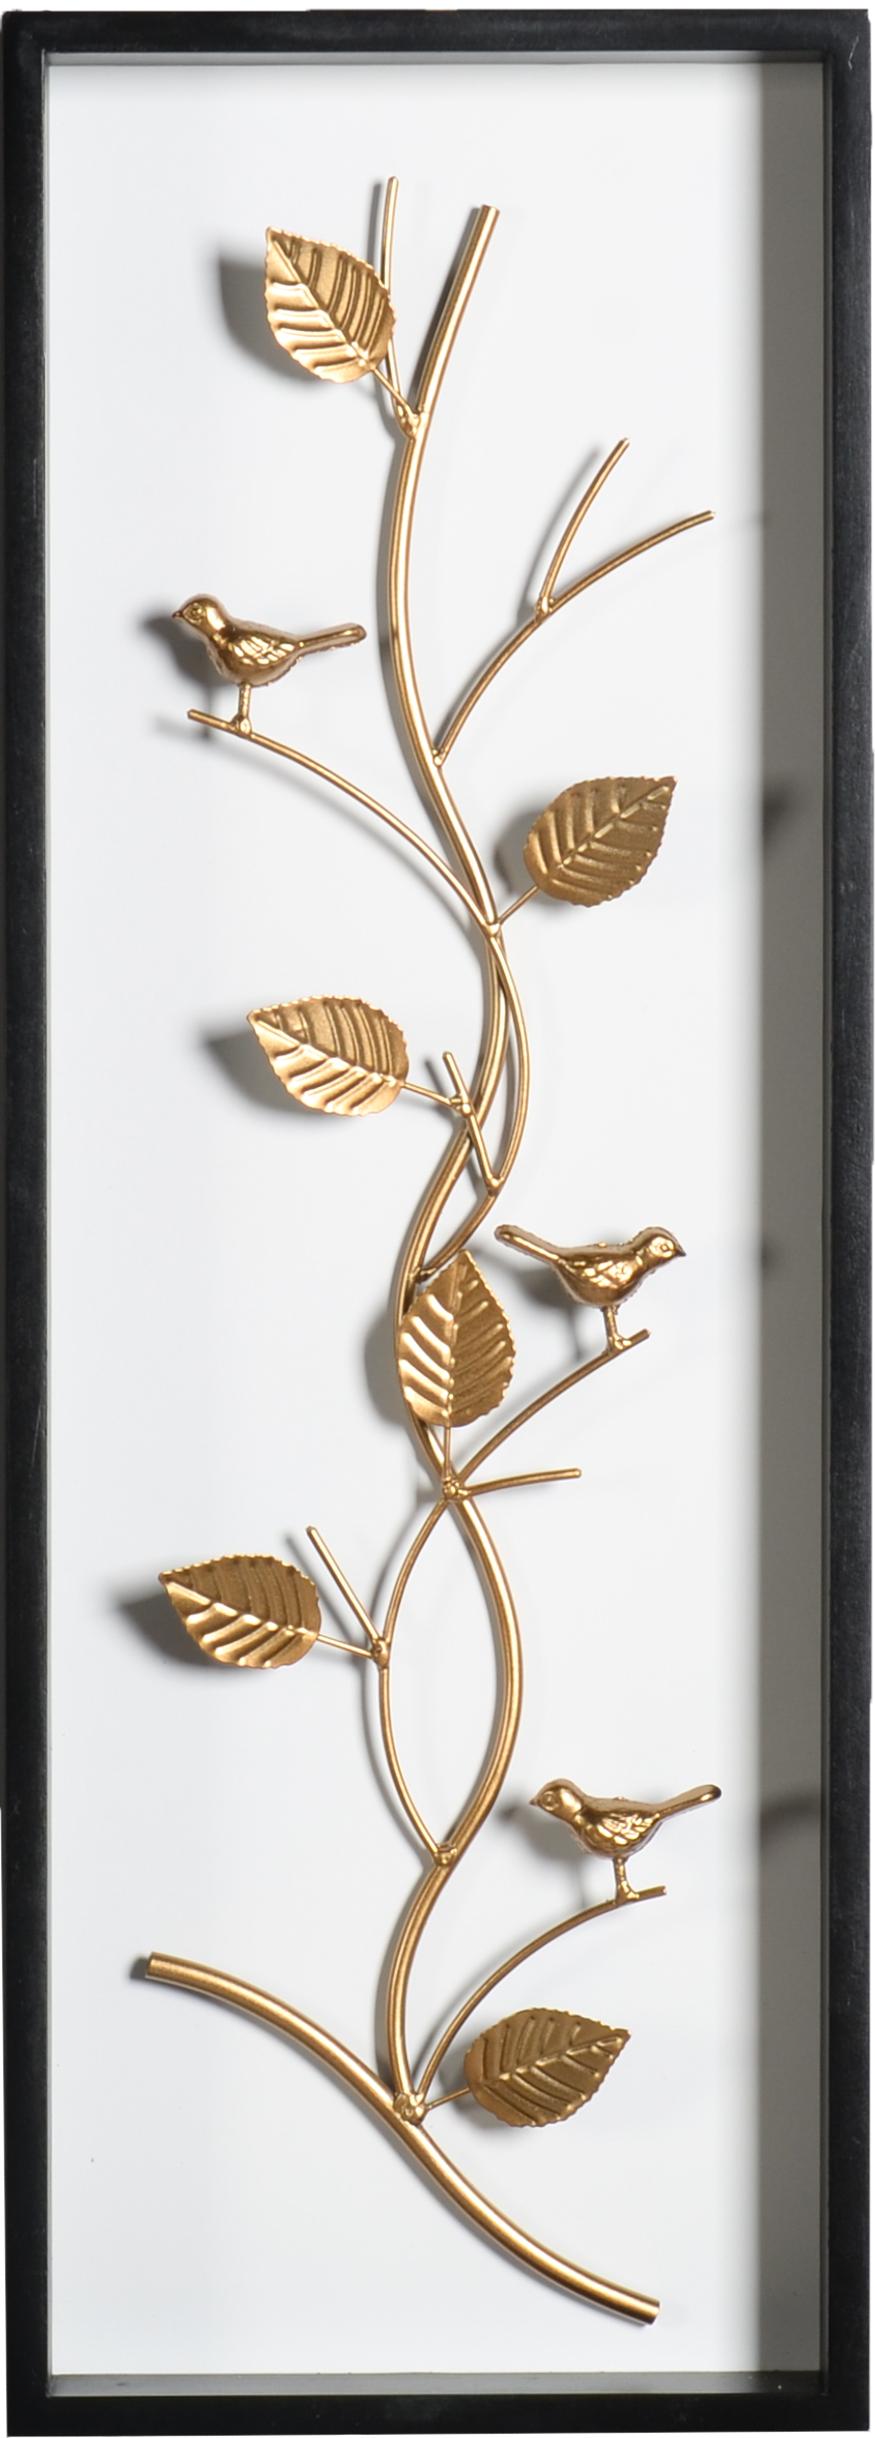 קישוט קיר בדוגמת ענף ציפורים מוזהב